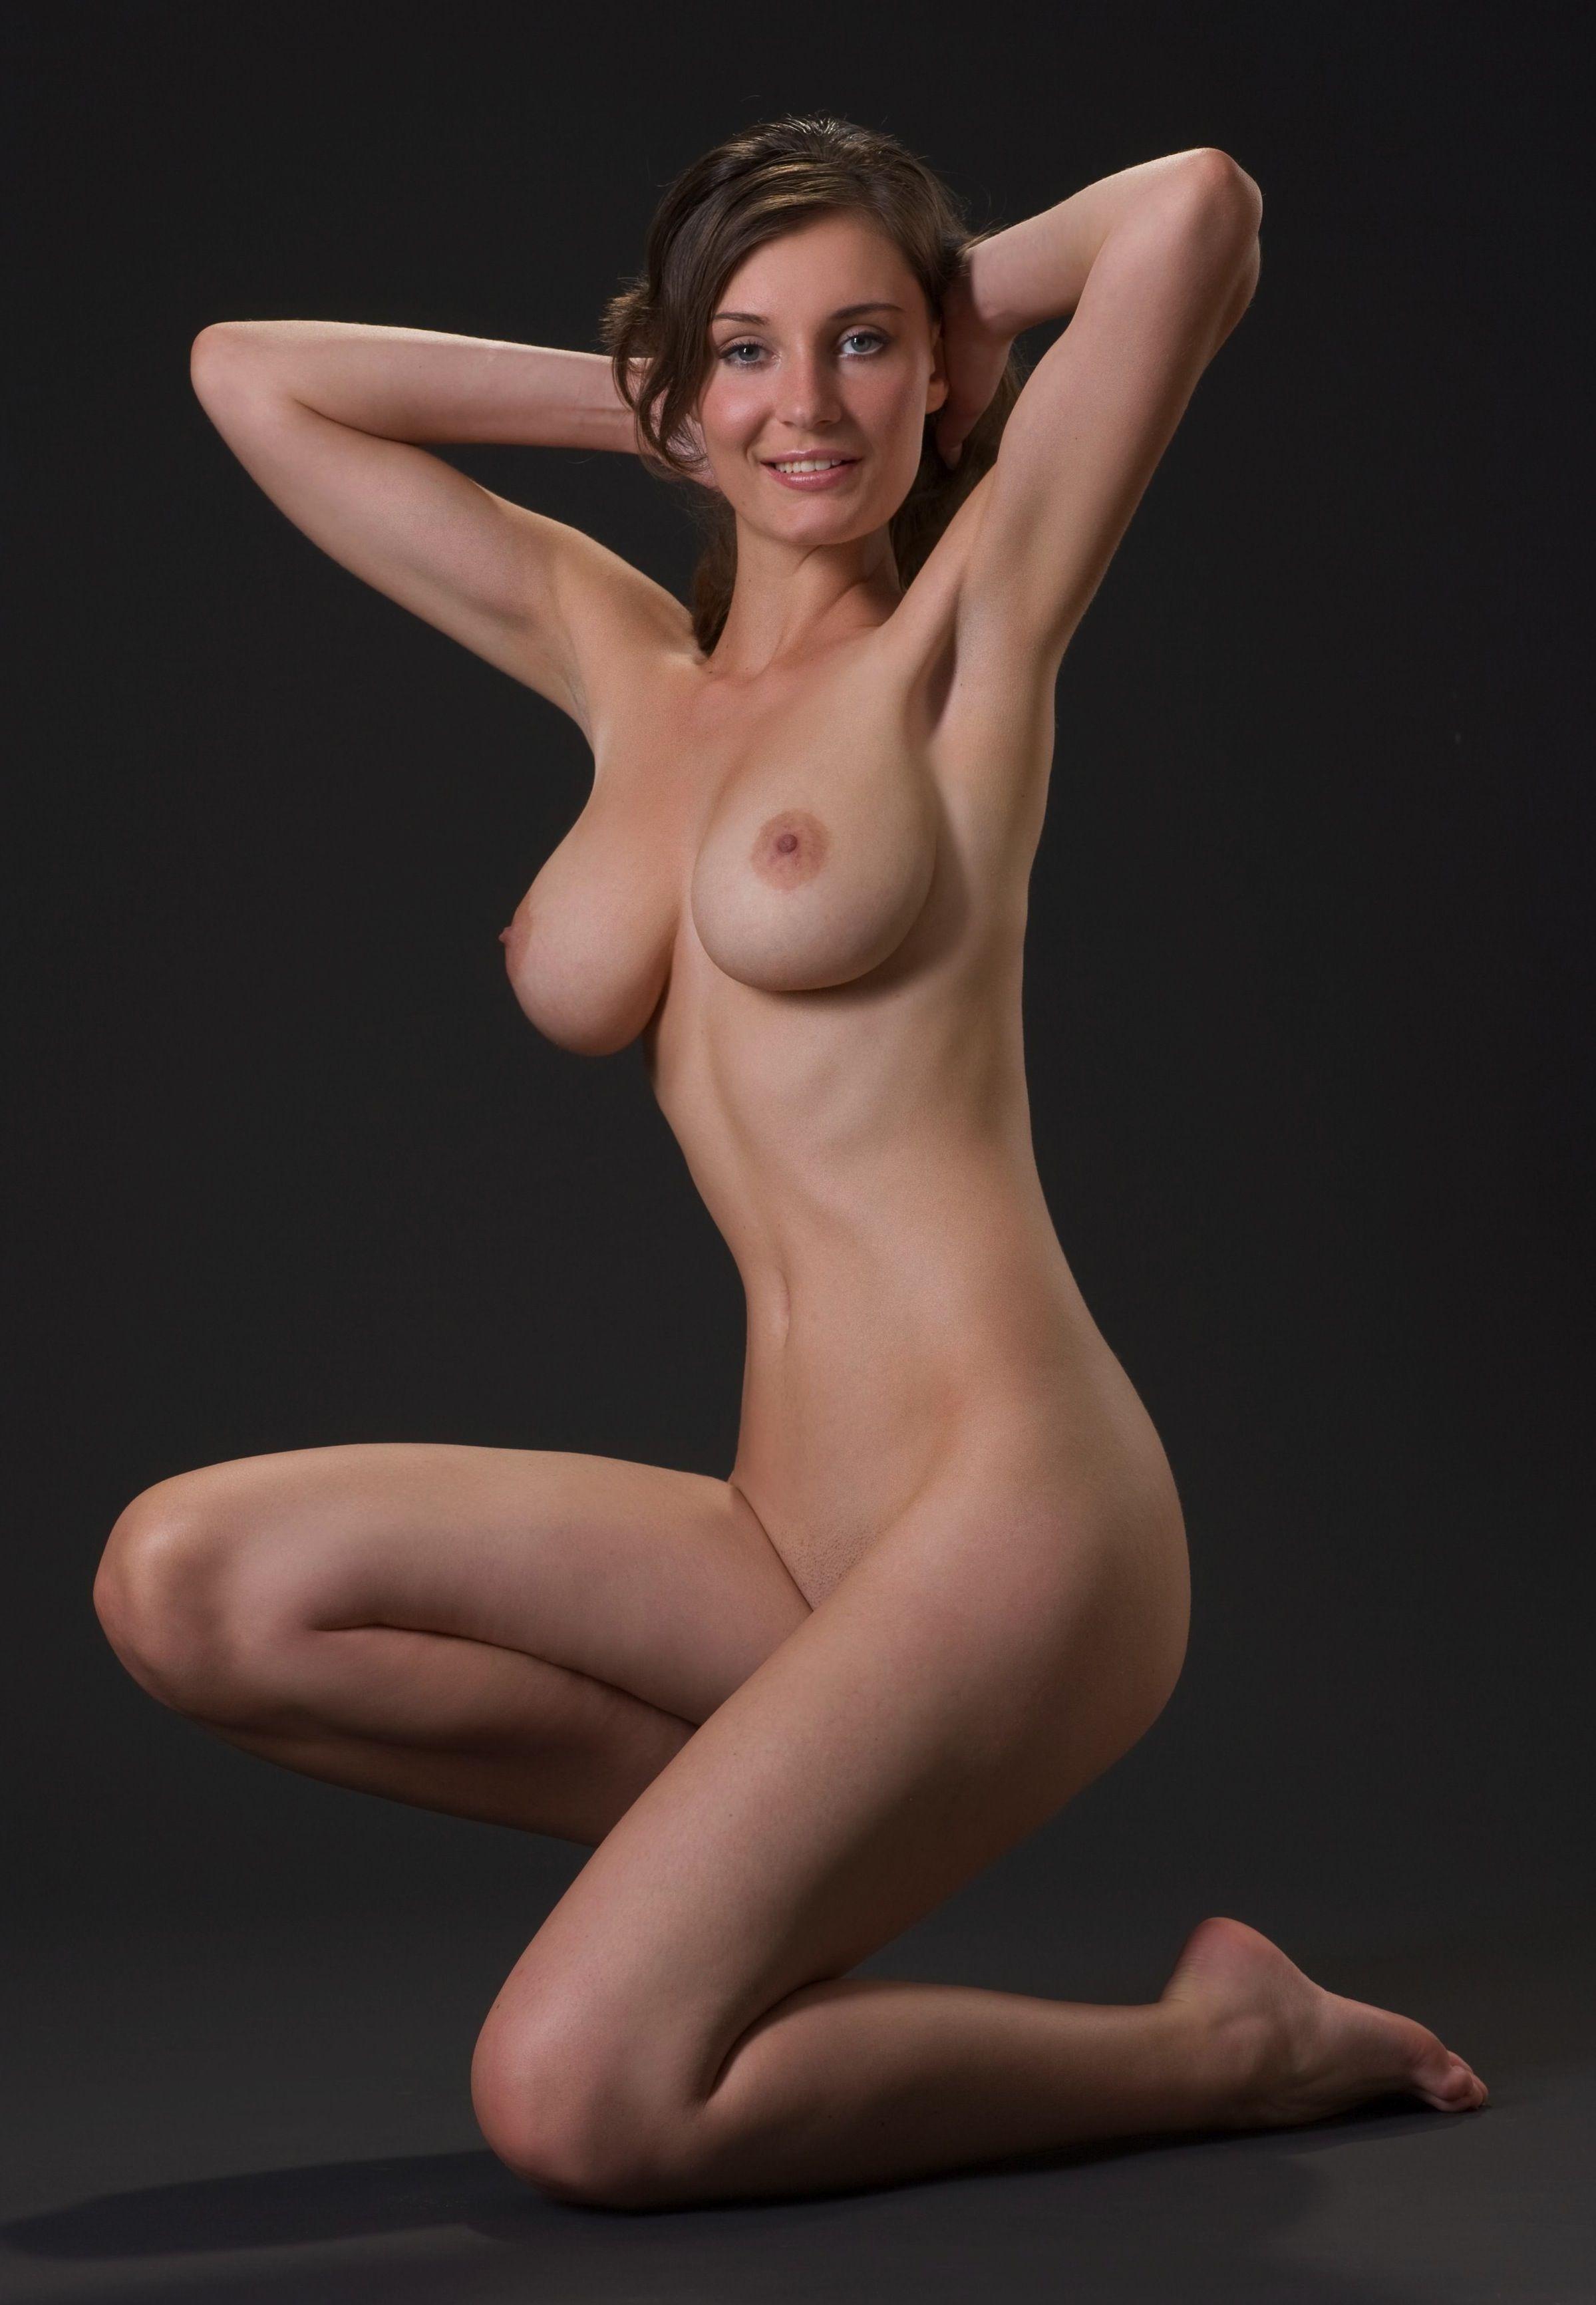 Красивые девушки женщины фото голые полностью